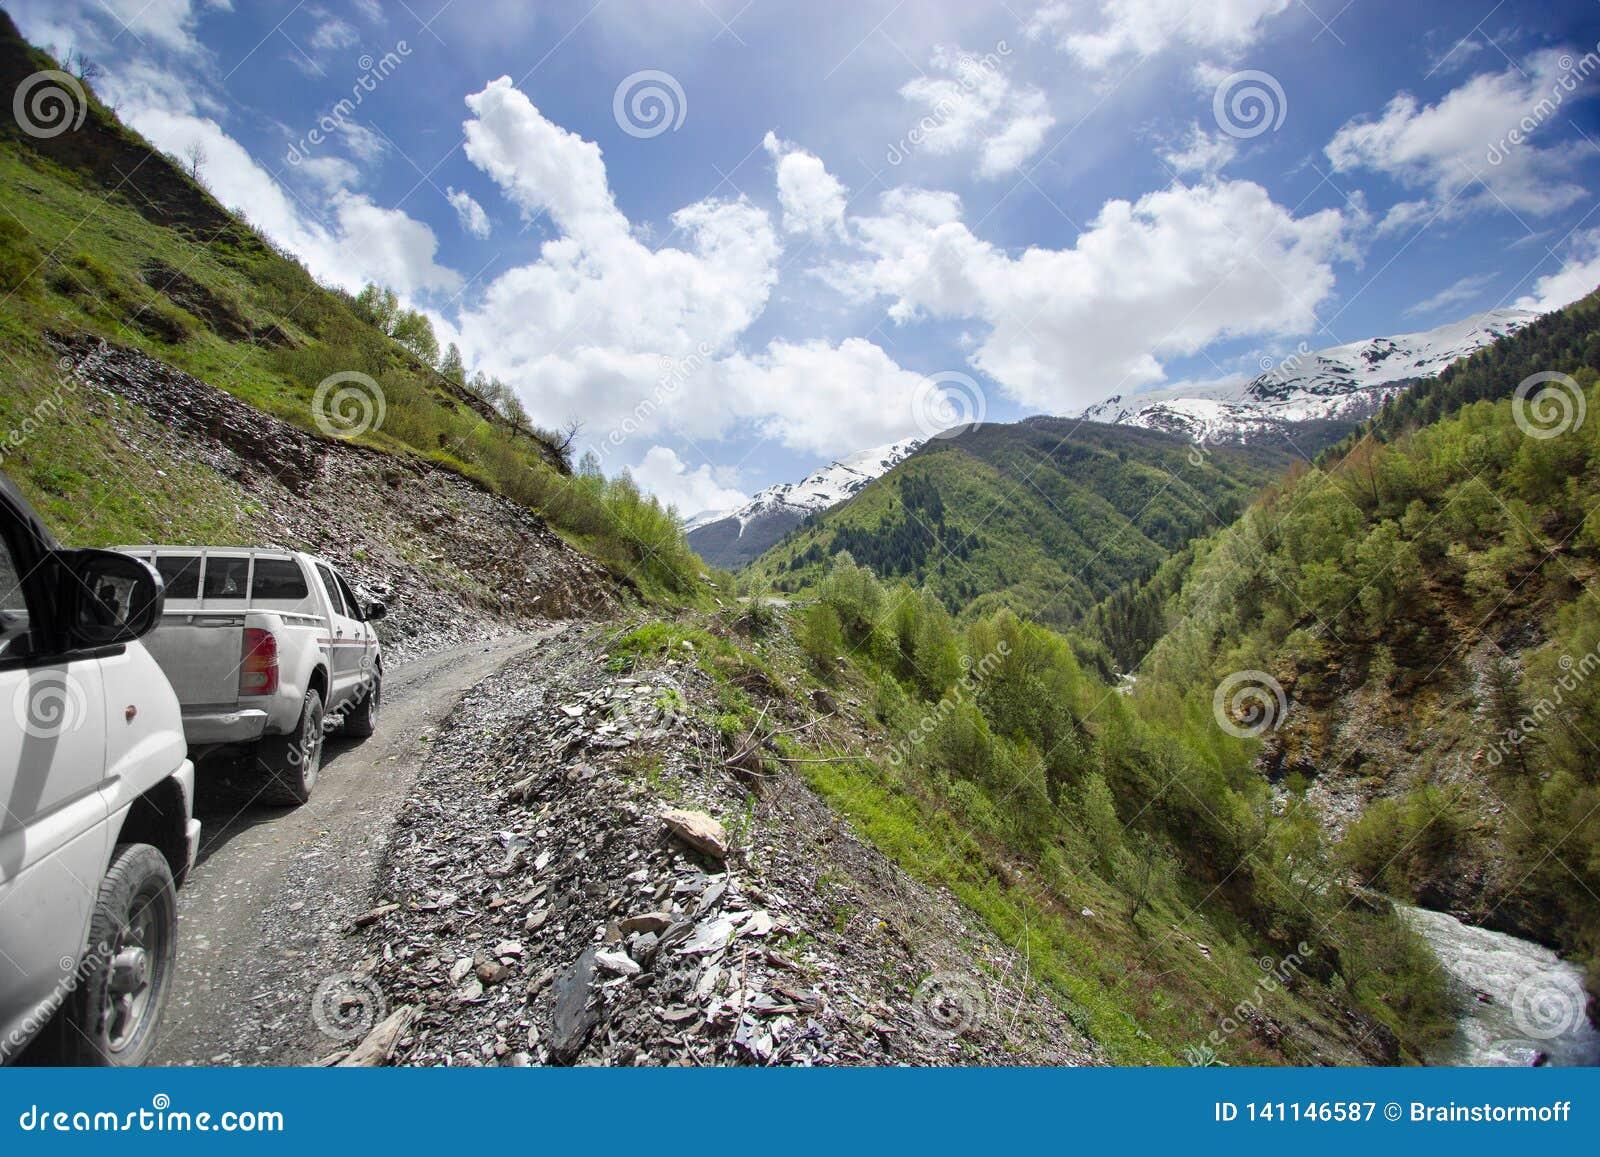 Dois carros em uma estrada serpentina nas montanhas, em picos de montanha na neve e em fundo dos montes verdes